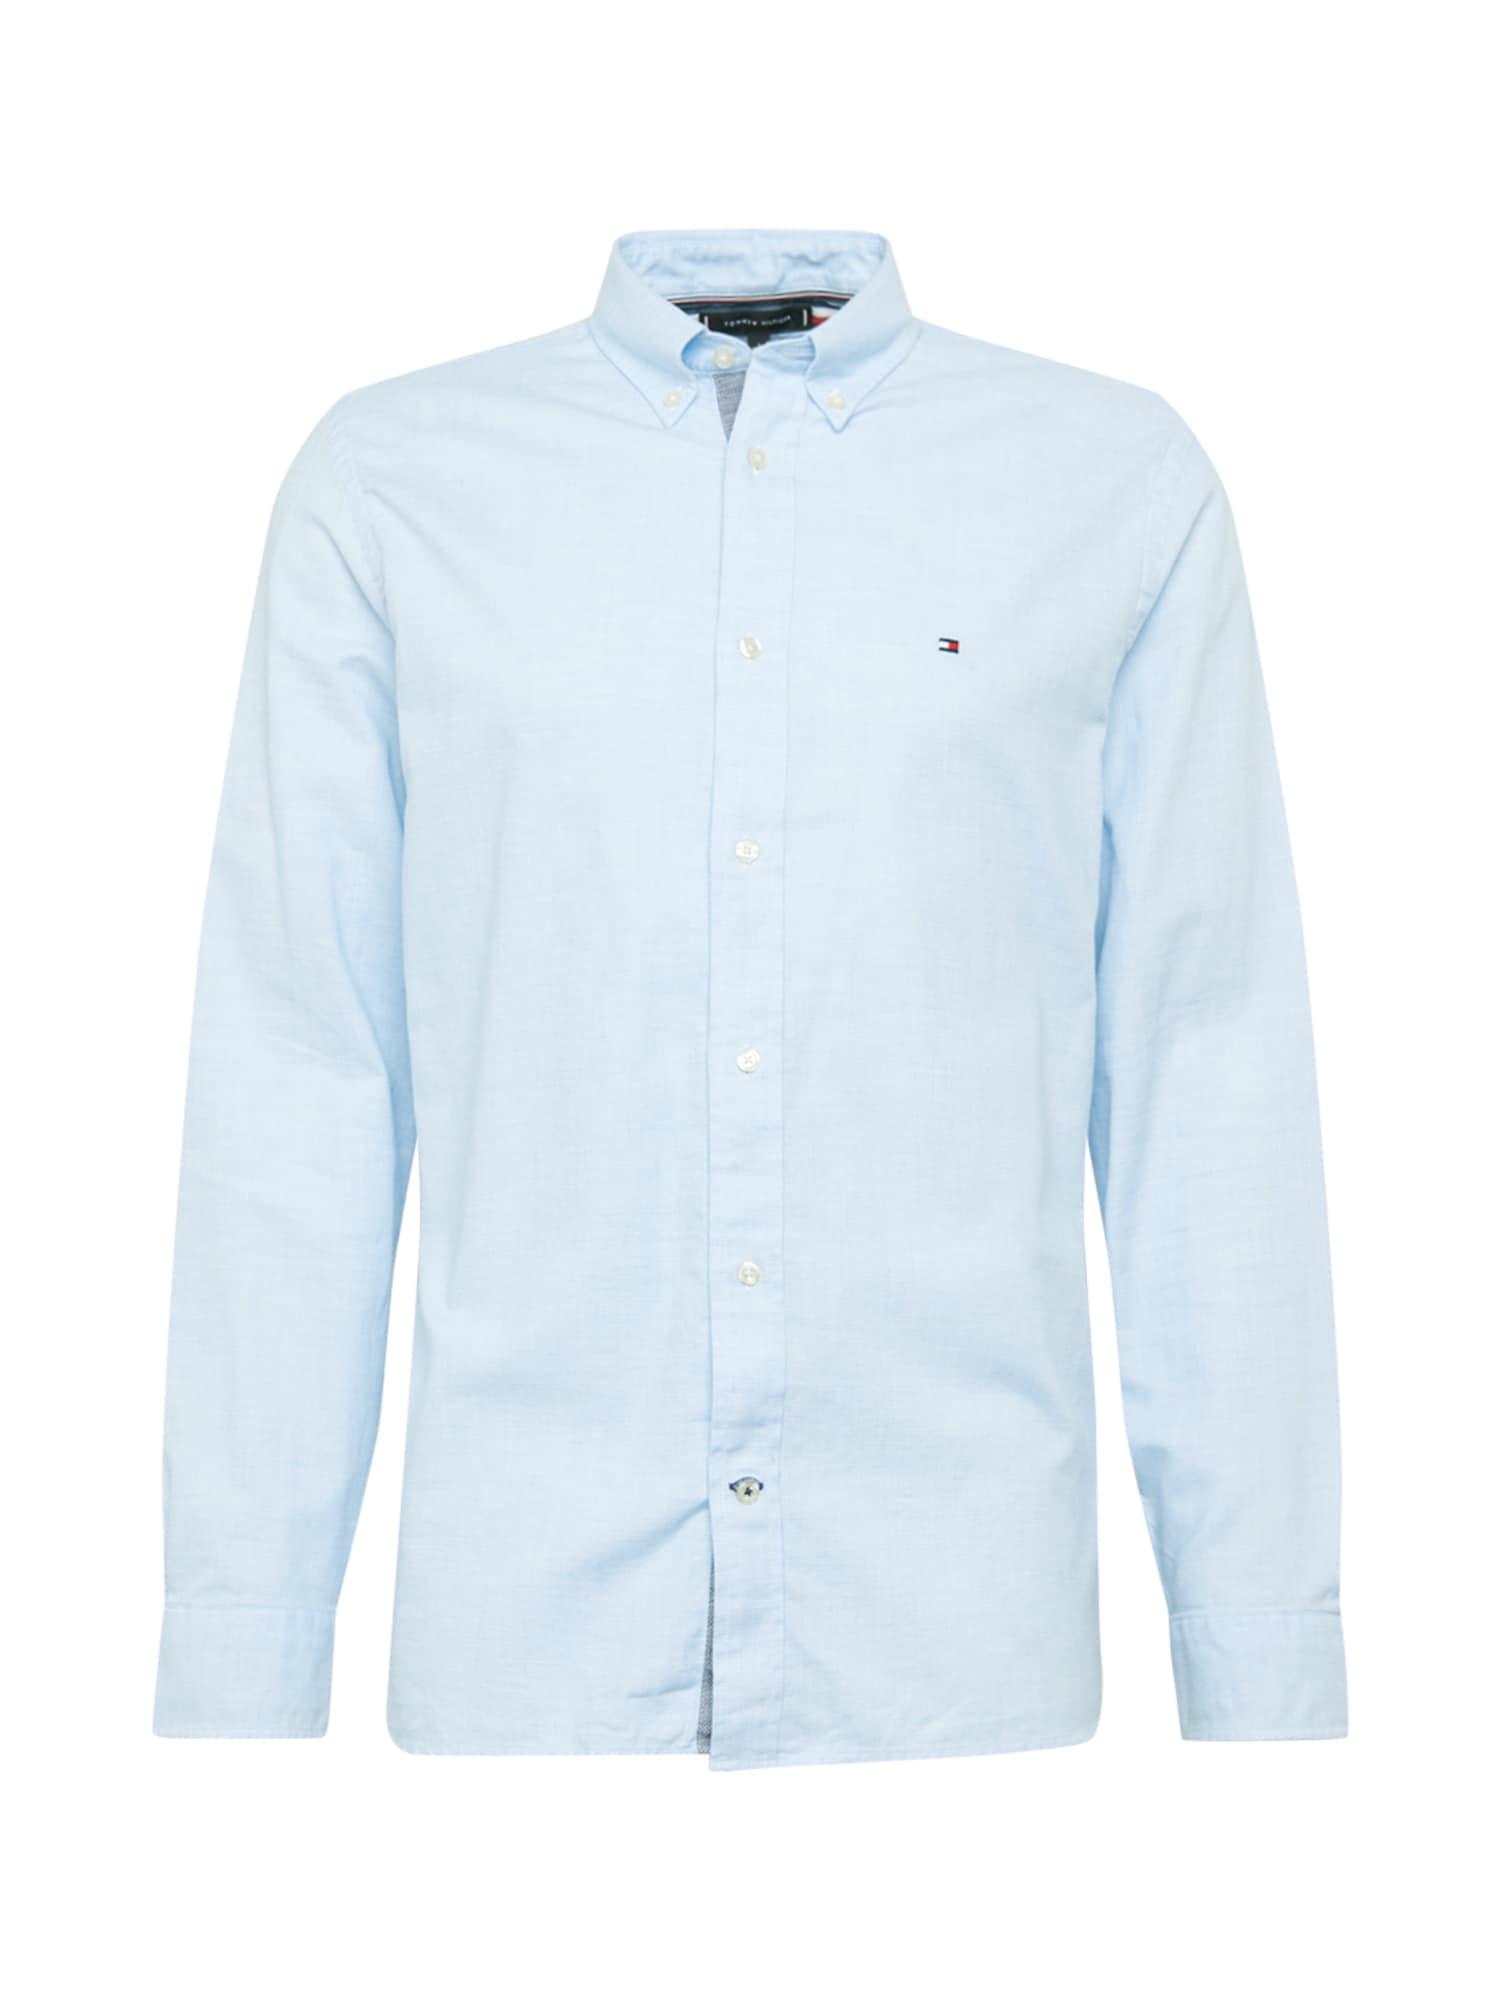 TOMMY HILFIGER Marškiniai dangaus žydra